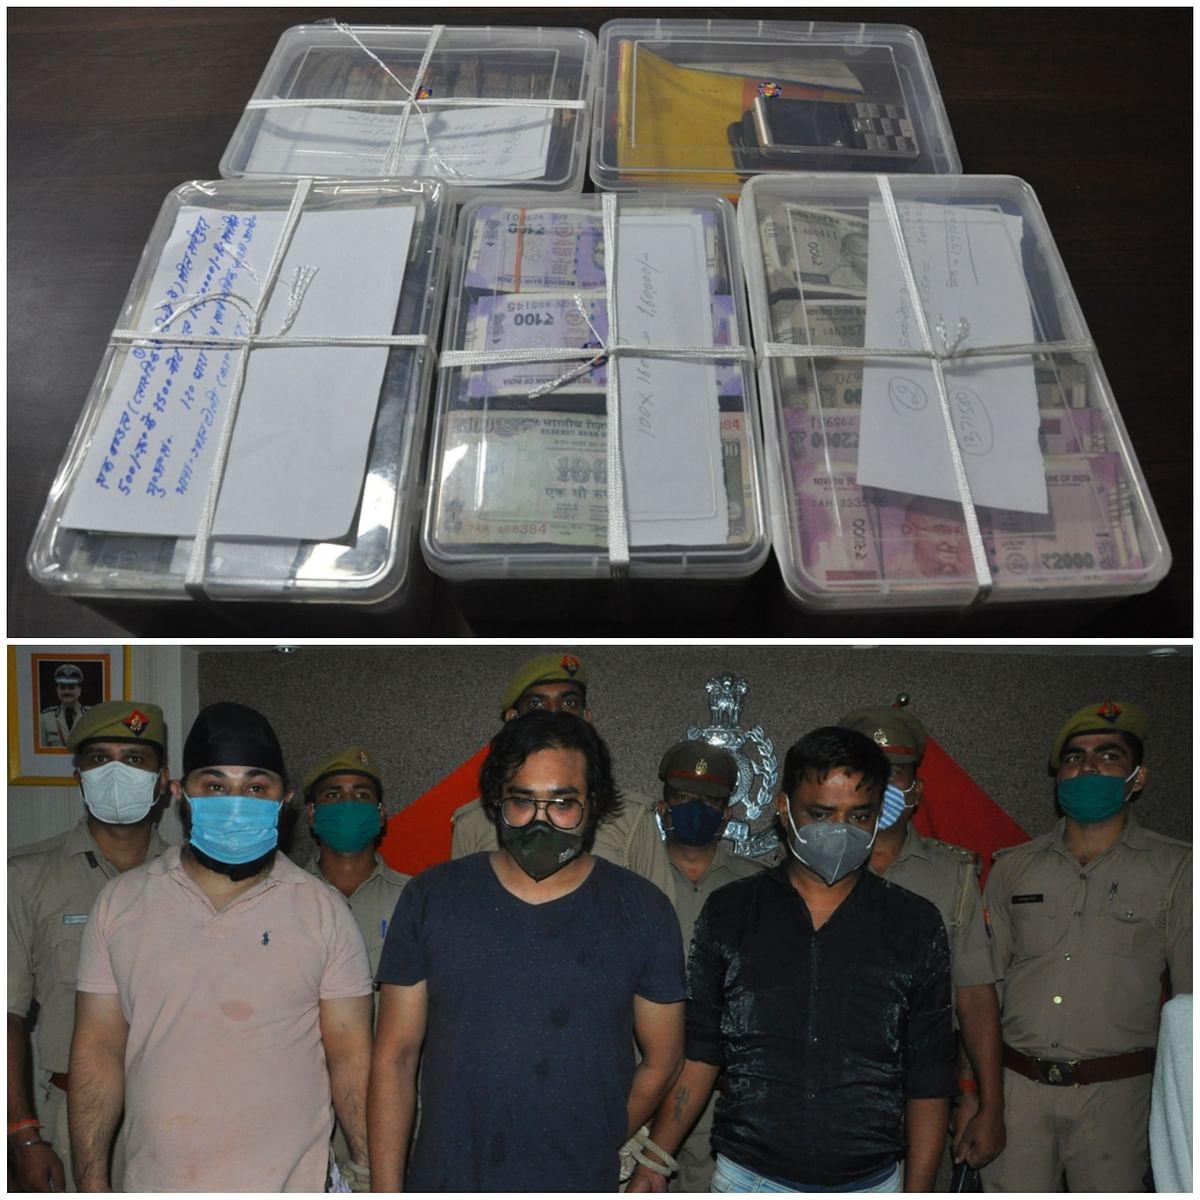 कानपुर : आईपीएल मैच में सट्टा खिलवाने वाले गैंग के तीन सटोरियें गिरफ्तार